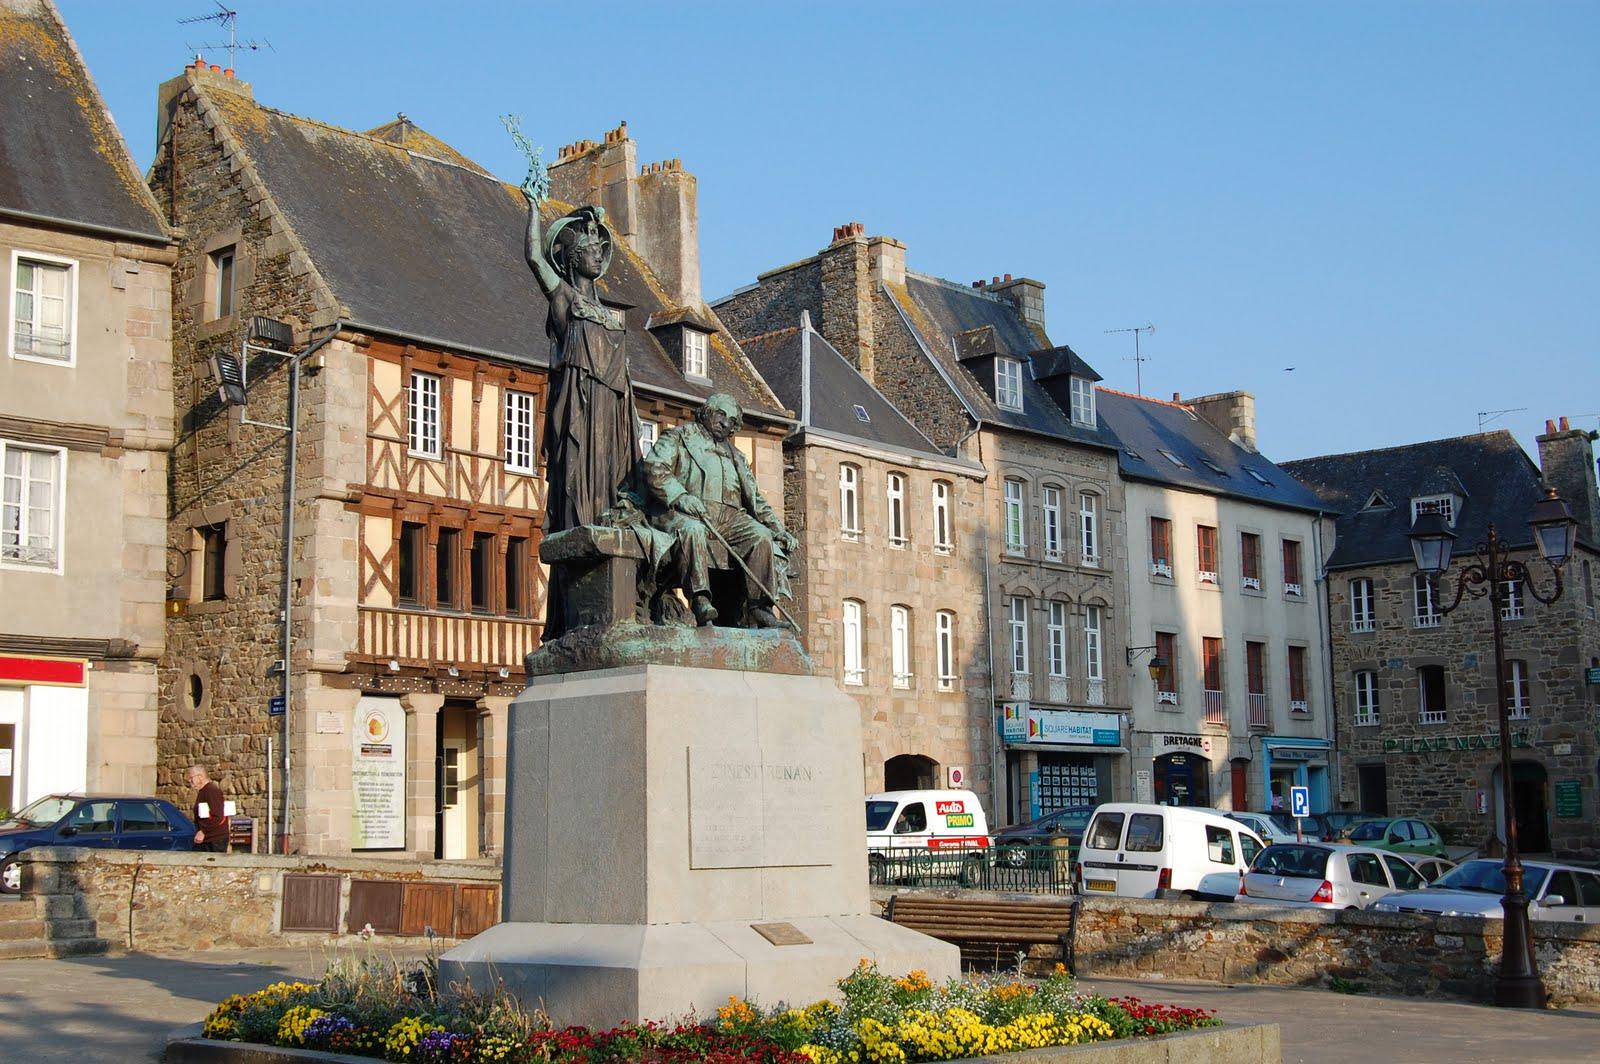 Place du Général Leclerc Tréguier (Трегье), Бретань, Франция